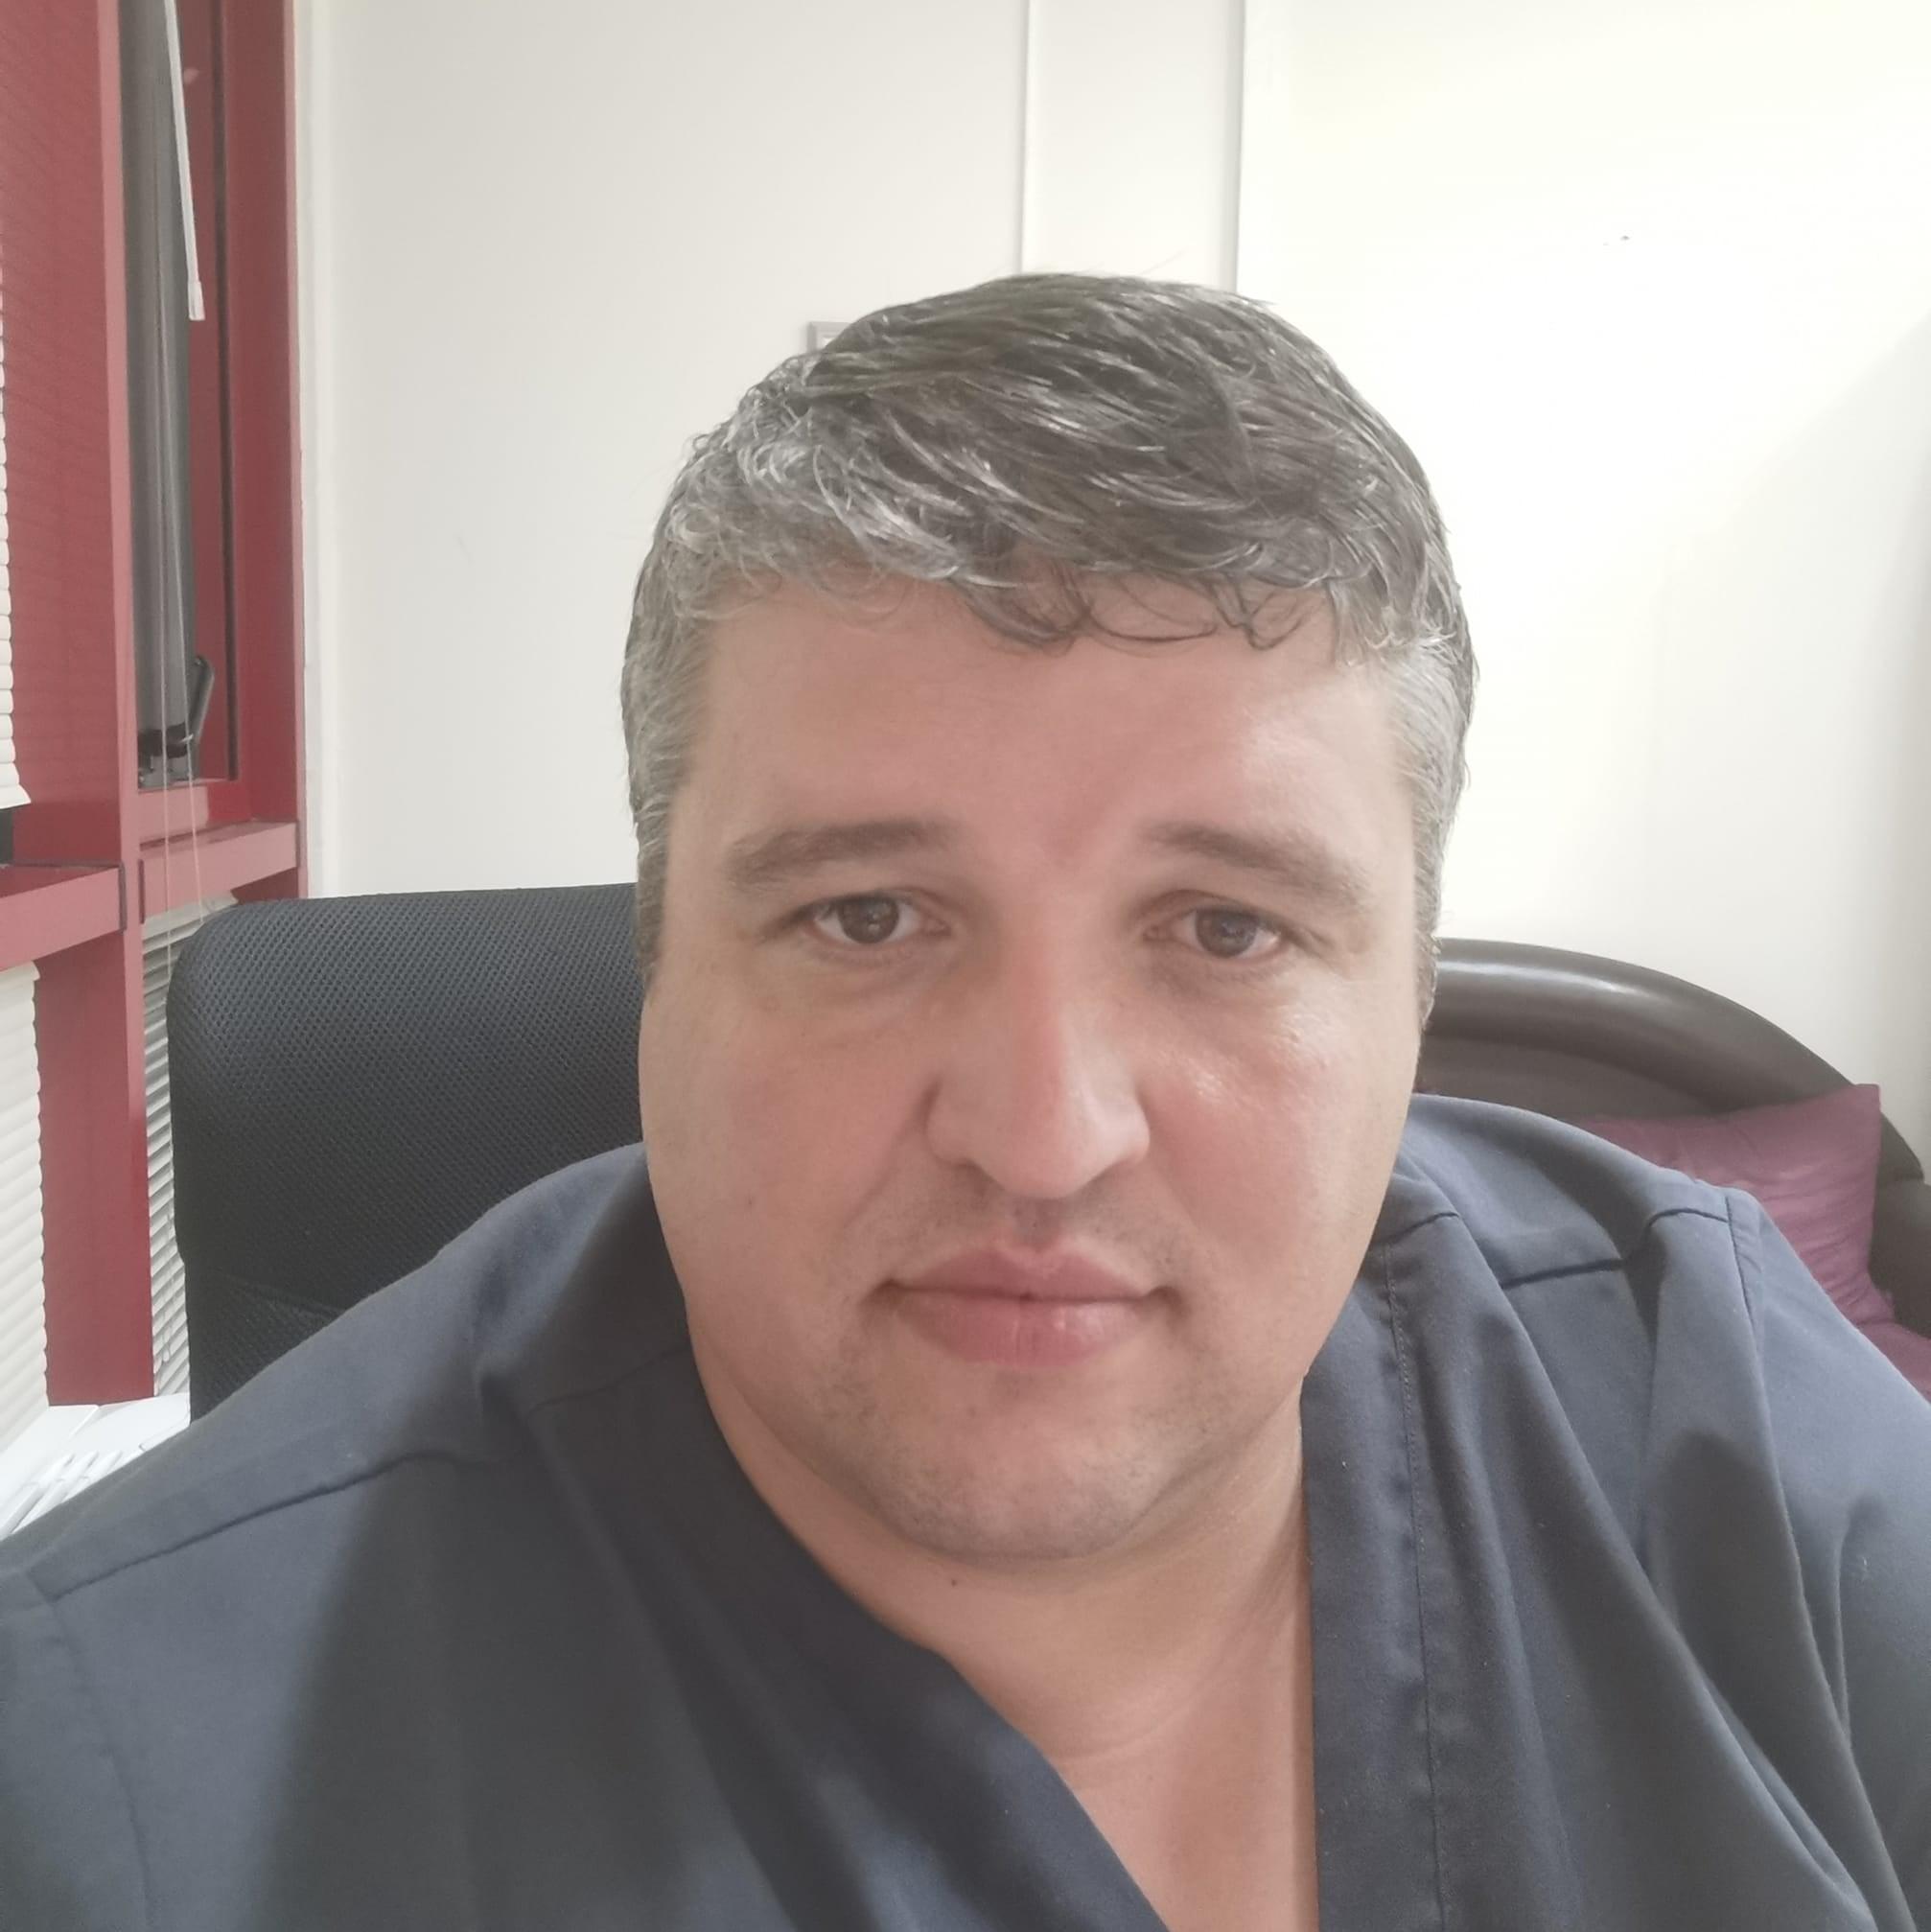 Трагедия! Издъхна уважавания д-р Емил Вакльов от COVID-19